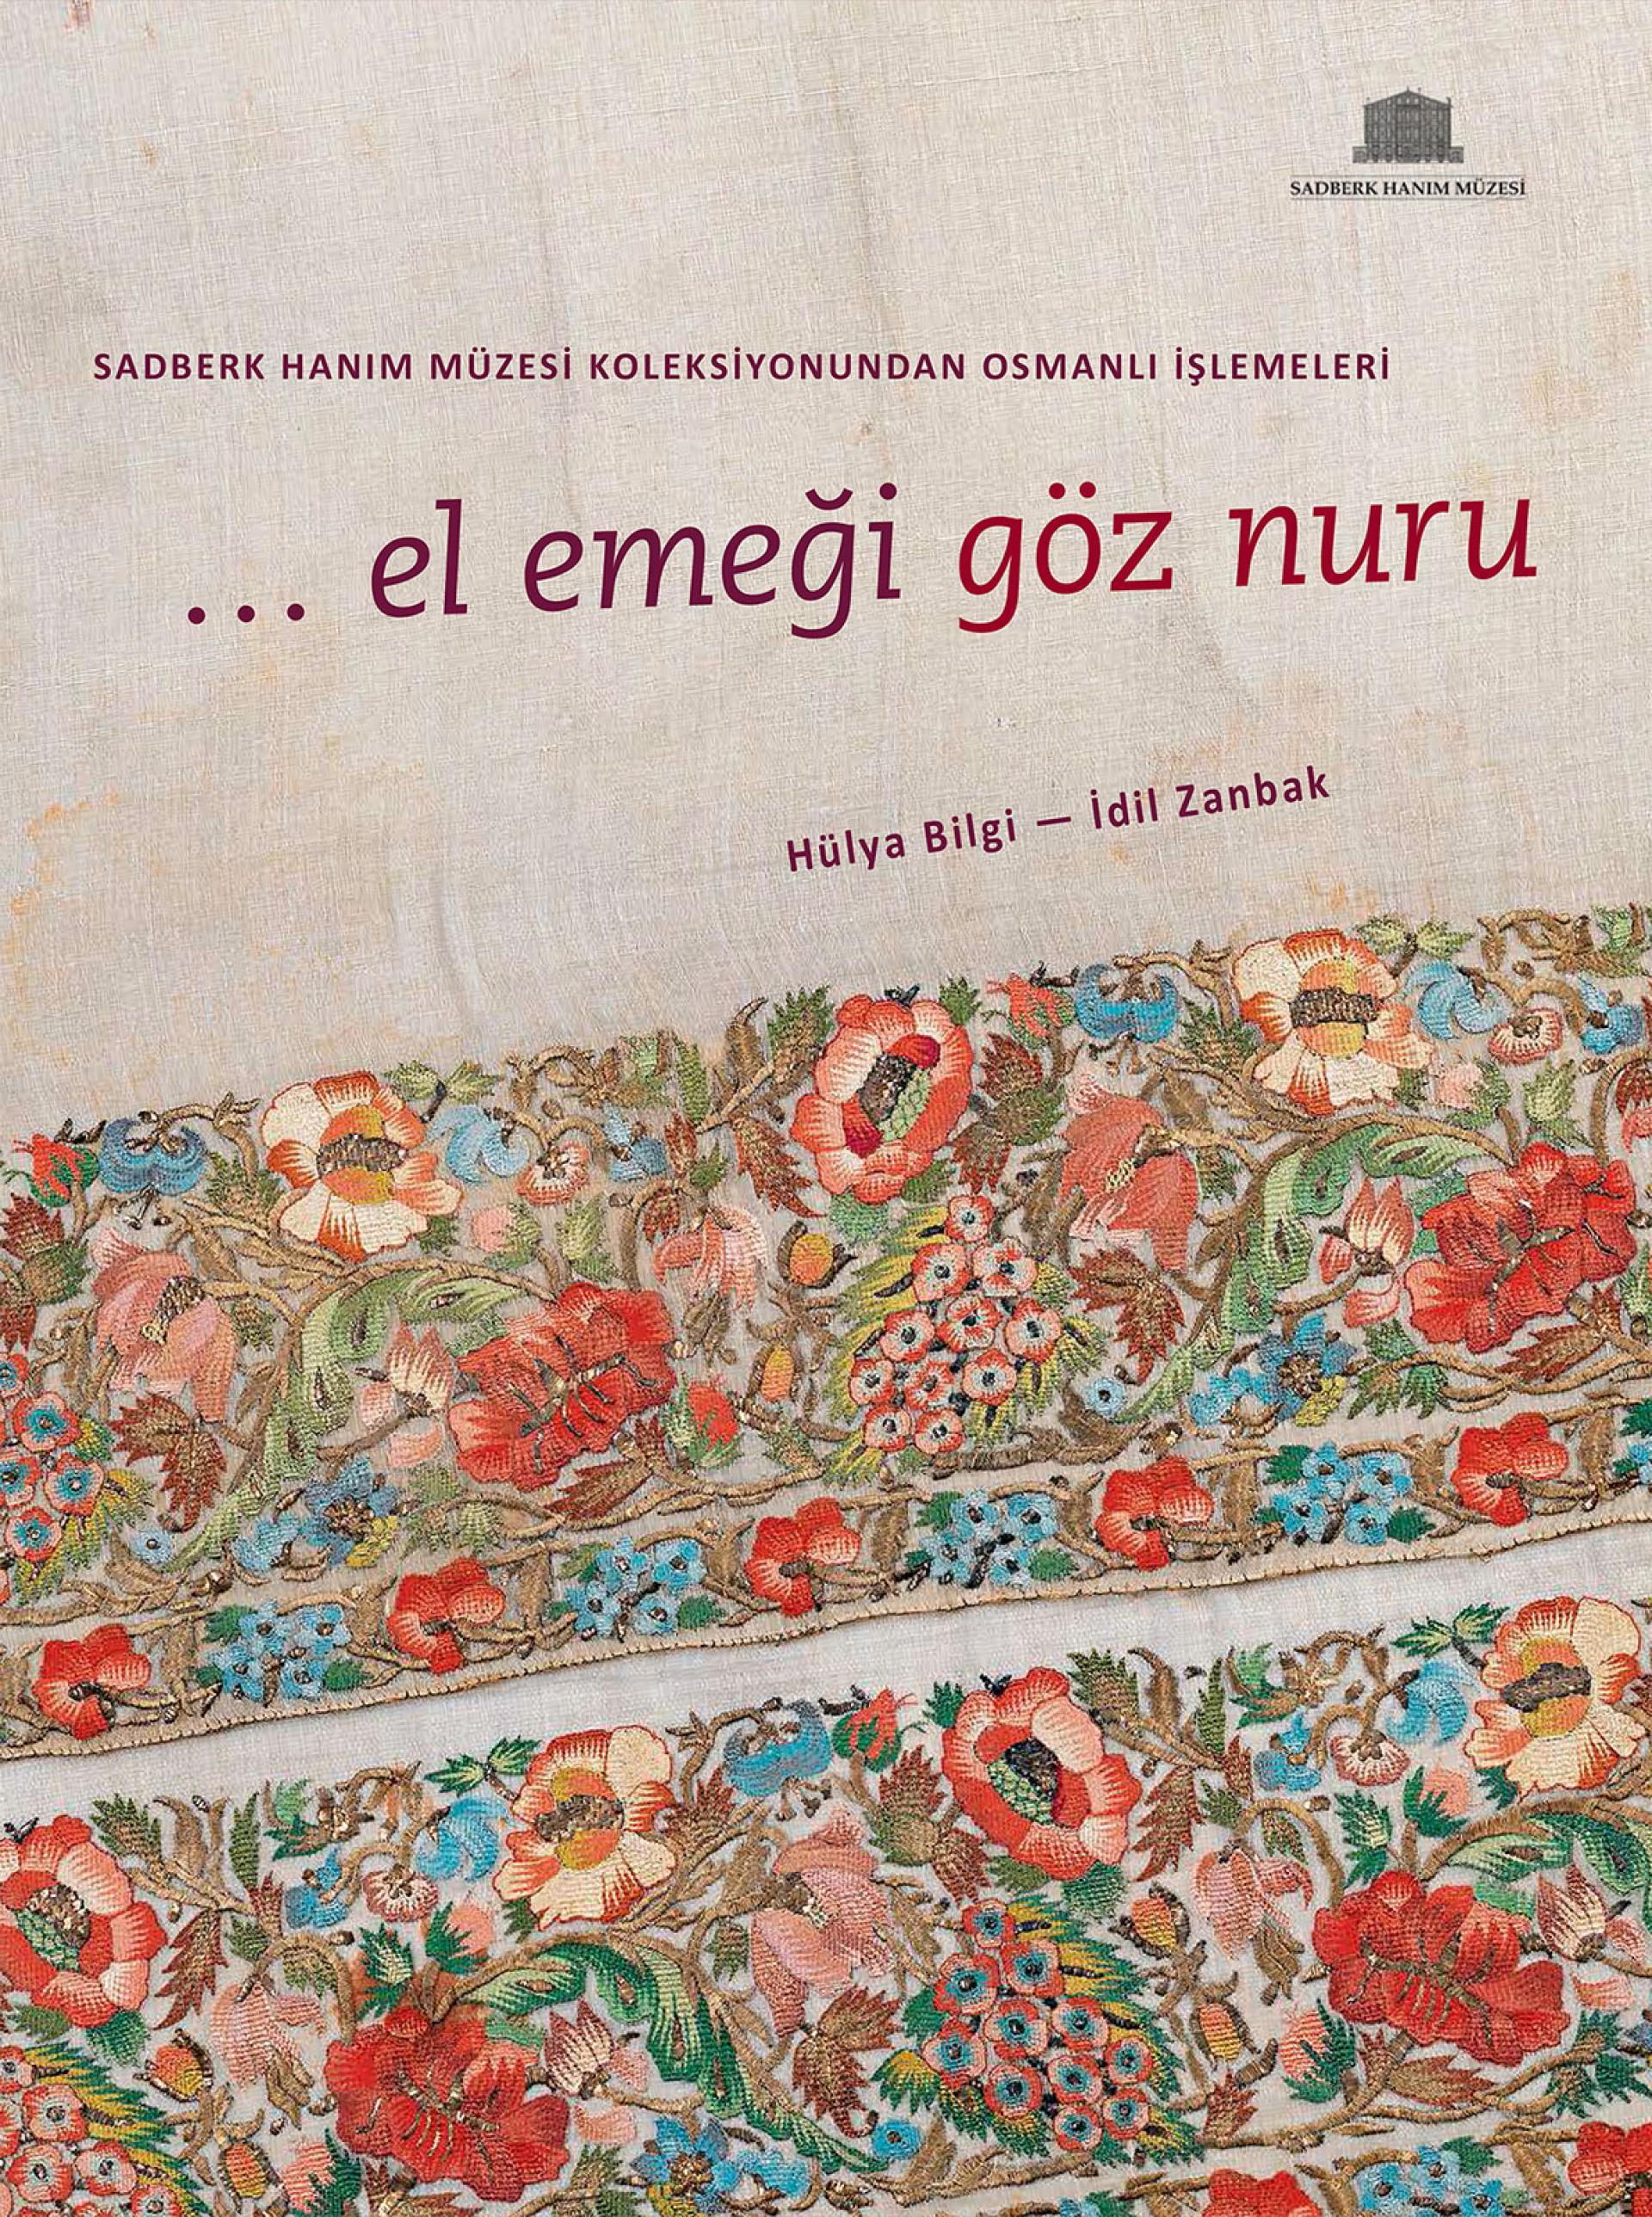 El Emeği Göz Nuru - Sadberk Hanım Müzesi Koleksiyonundan Osmanlı İşlemeleri - BOOKS - Sadberk Hanım Museum